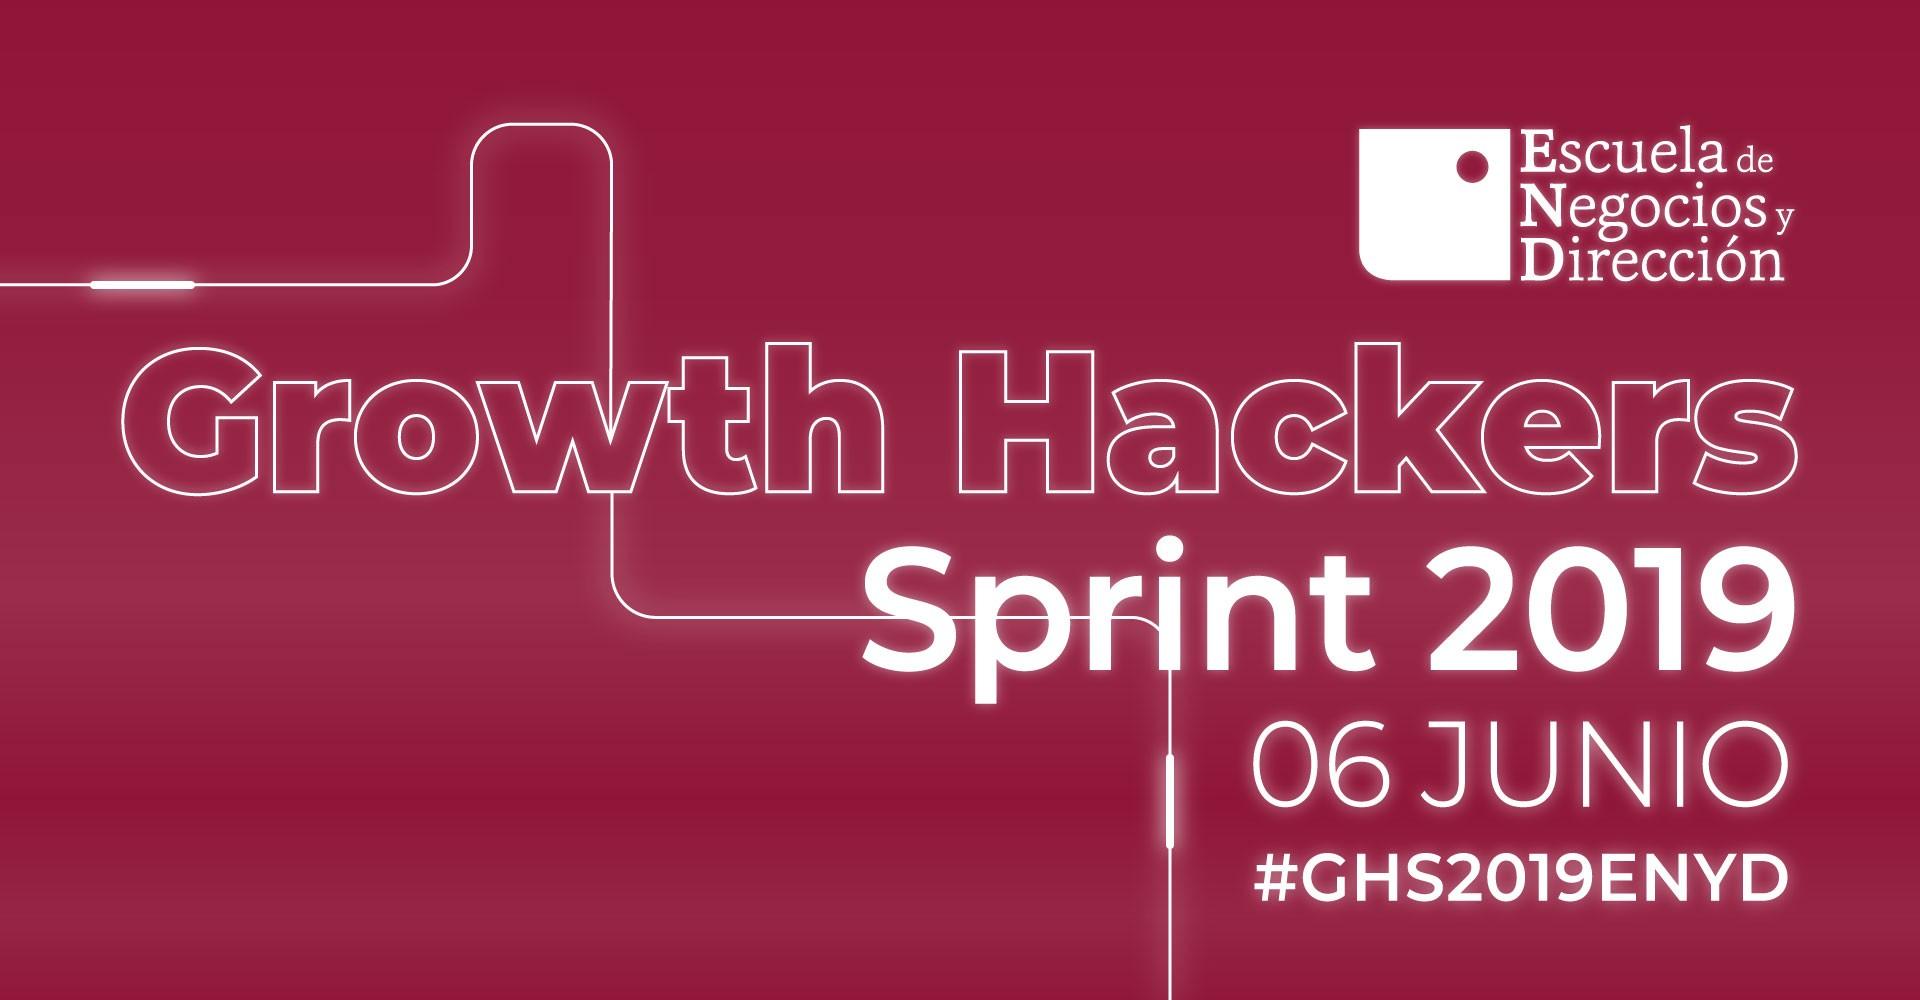 Evento sobre growth hackers